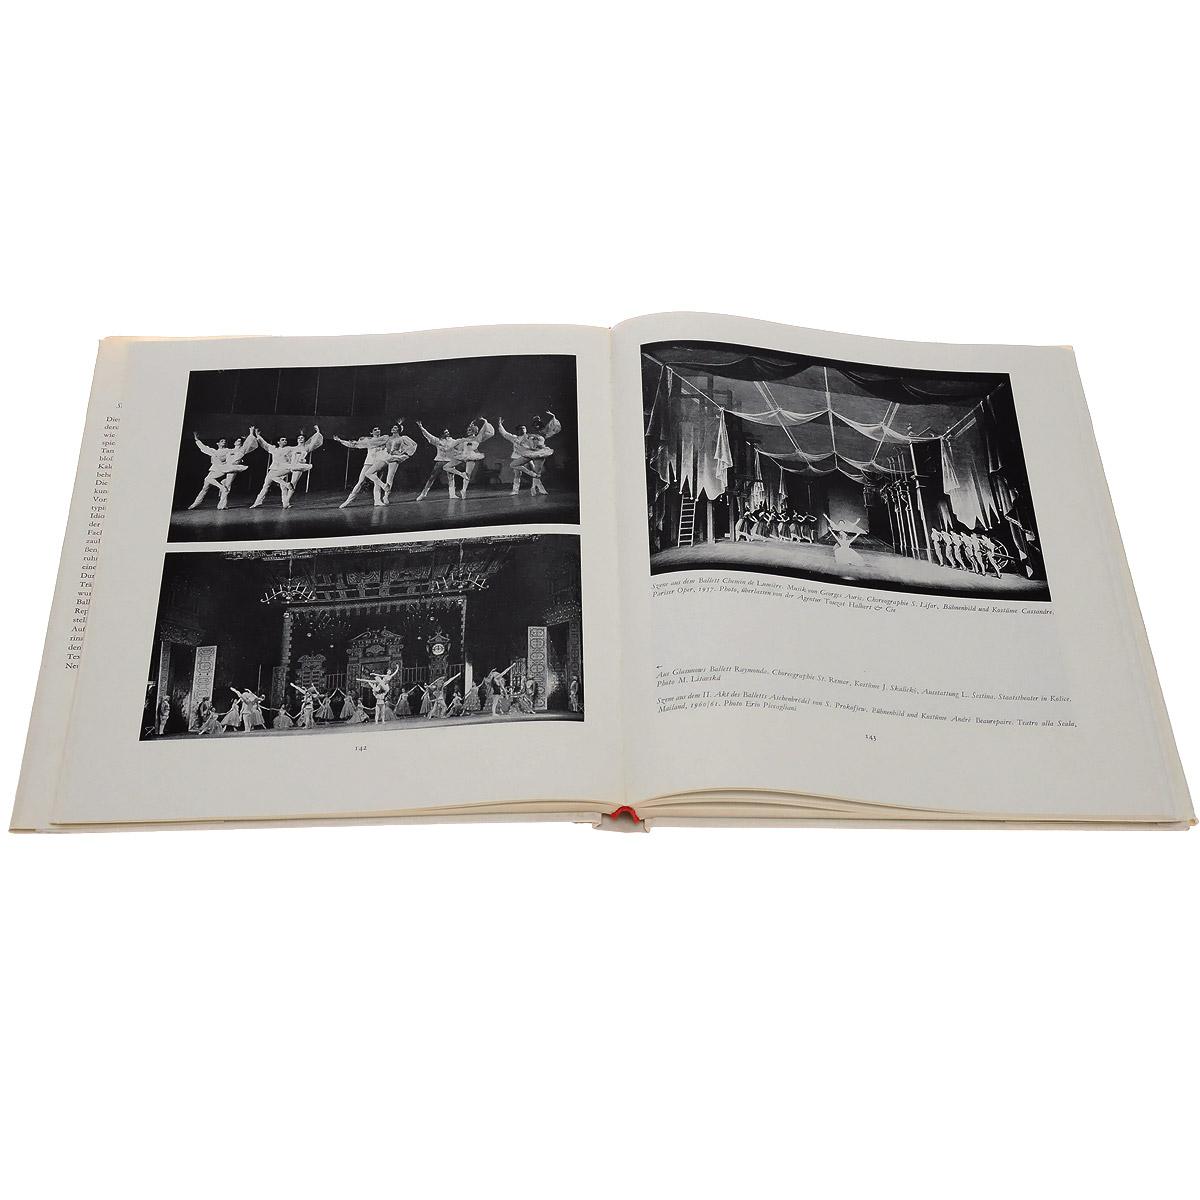 Das ballett: Seine geschichte in wort und bild